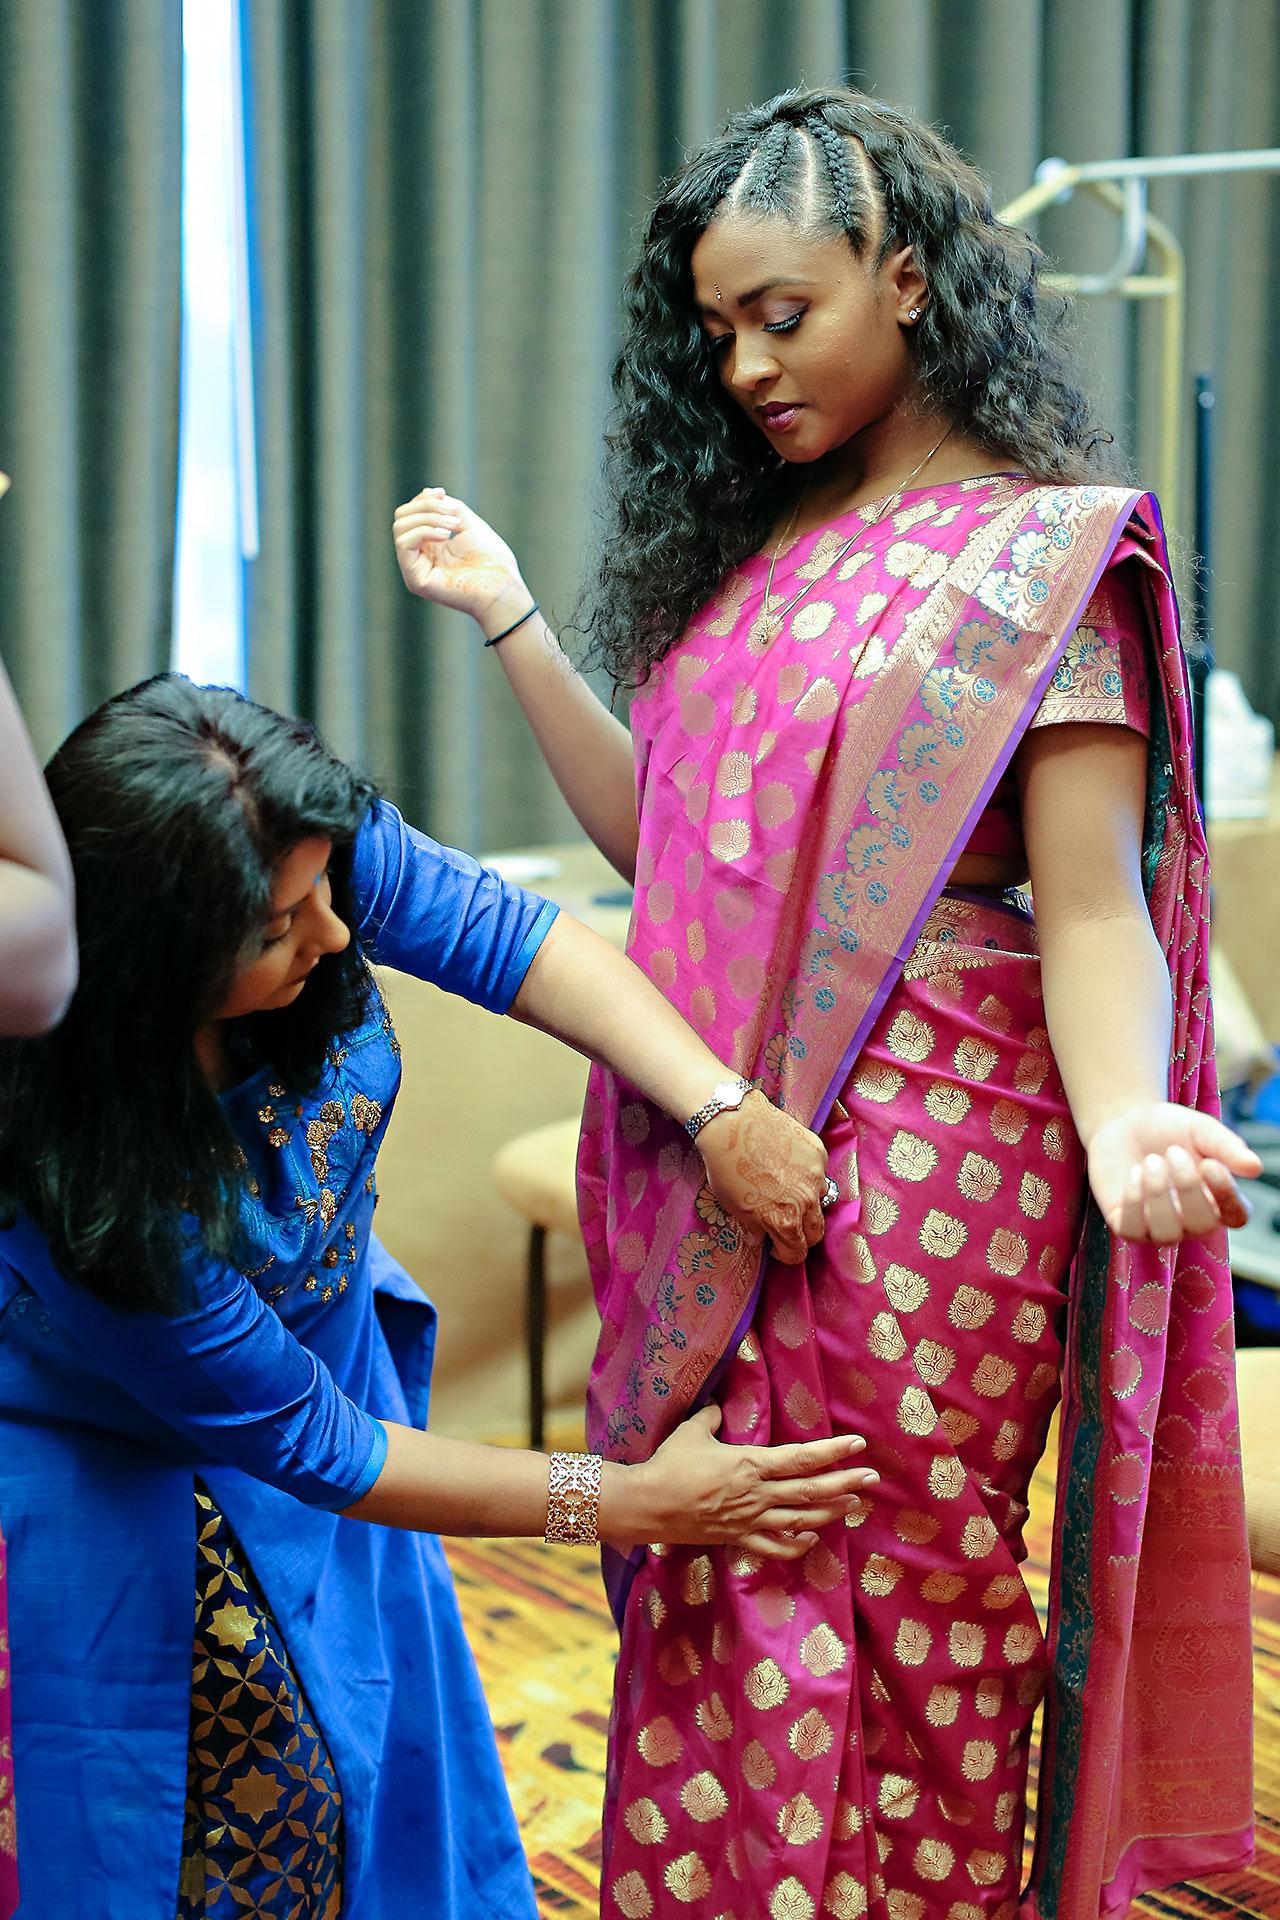 Joie Nikhil JW Marriott Indian Wedding 018